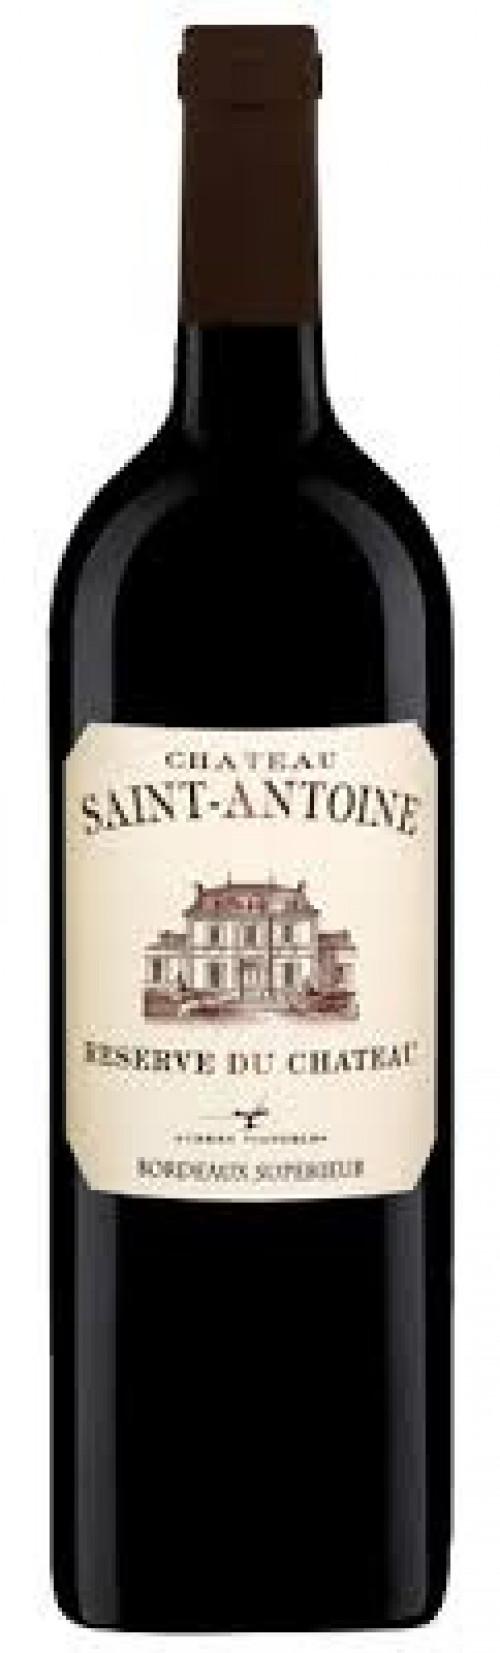 2016 Chateau Saint-Antoine Reserve du Chateau 750ml